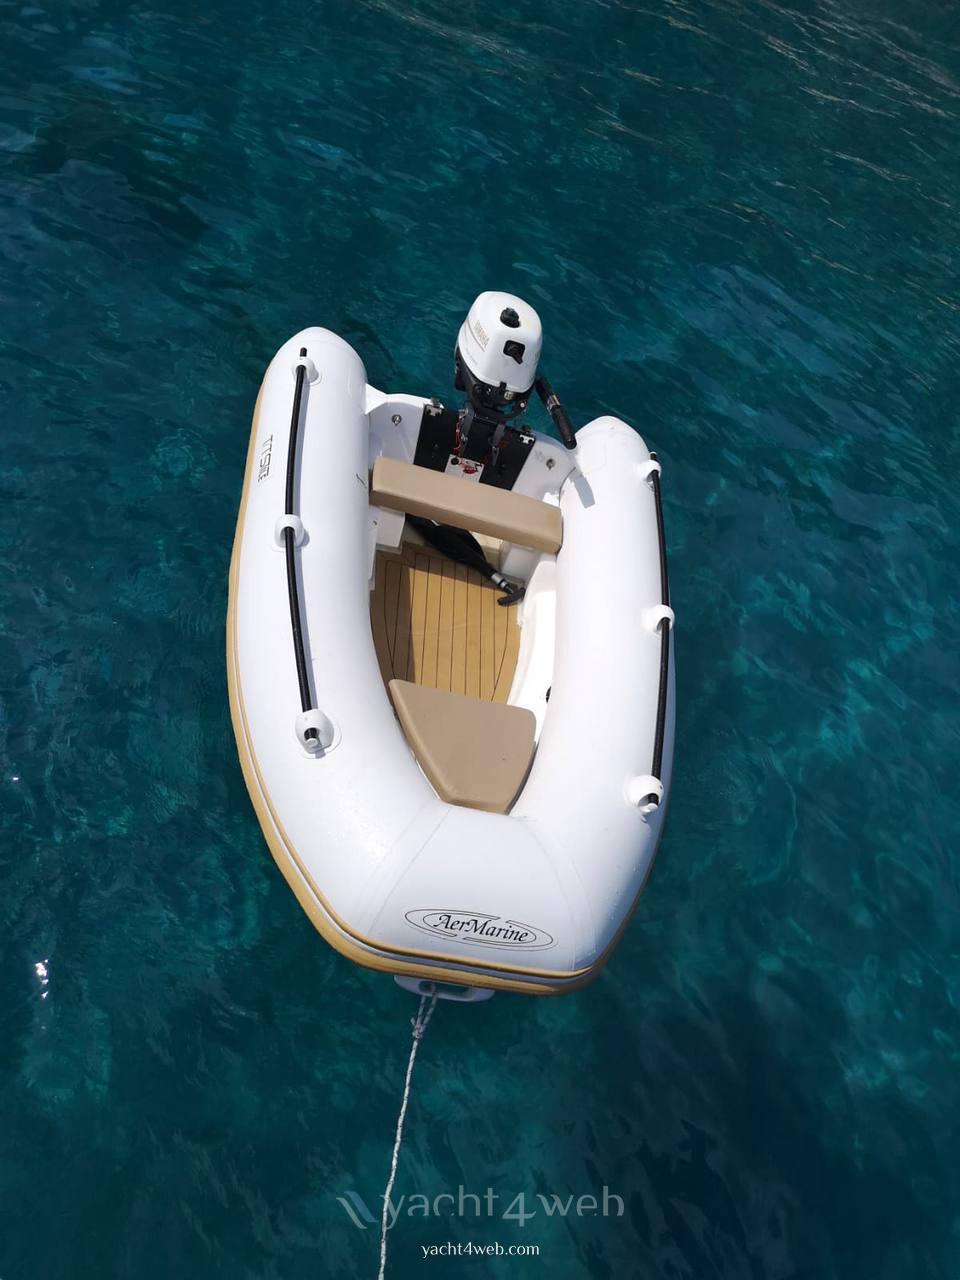 MANO' MARINE 35 ht barco a motor